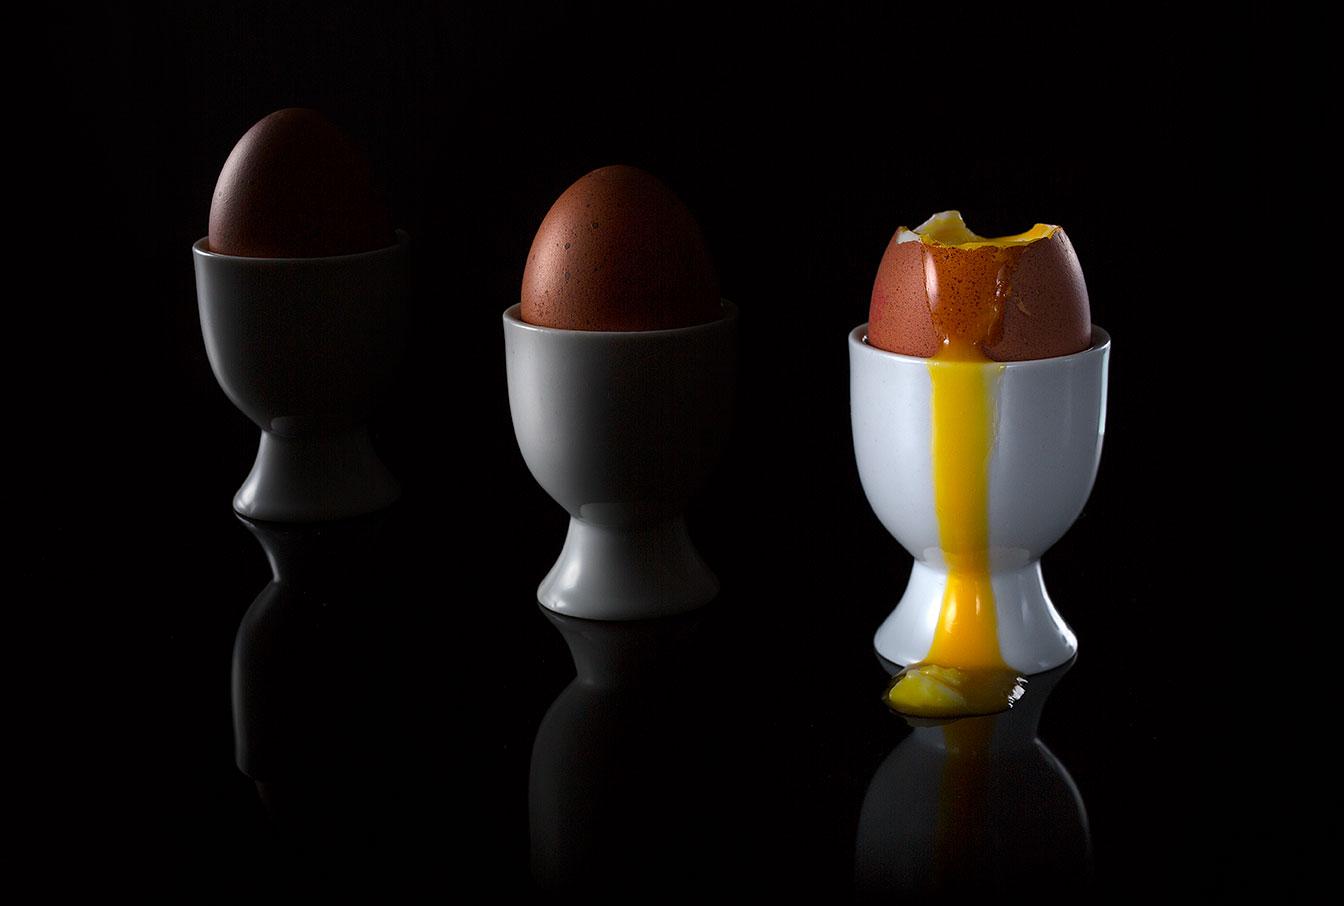 eggs_002.jpg